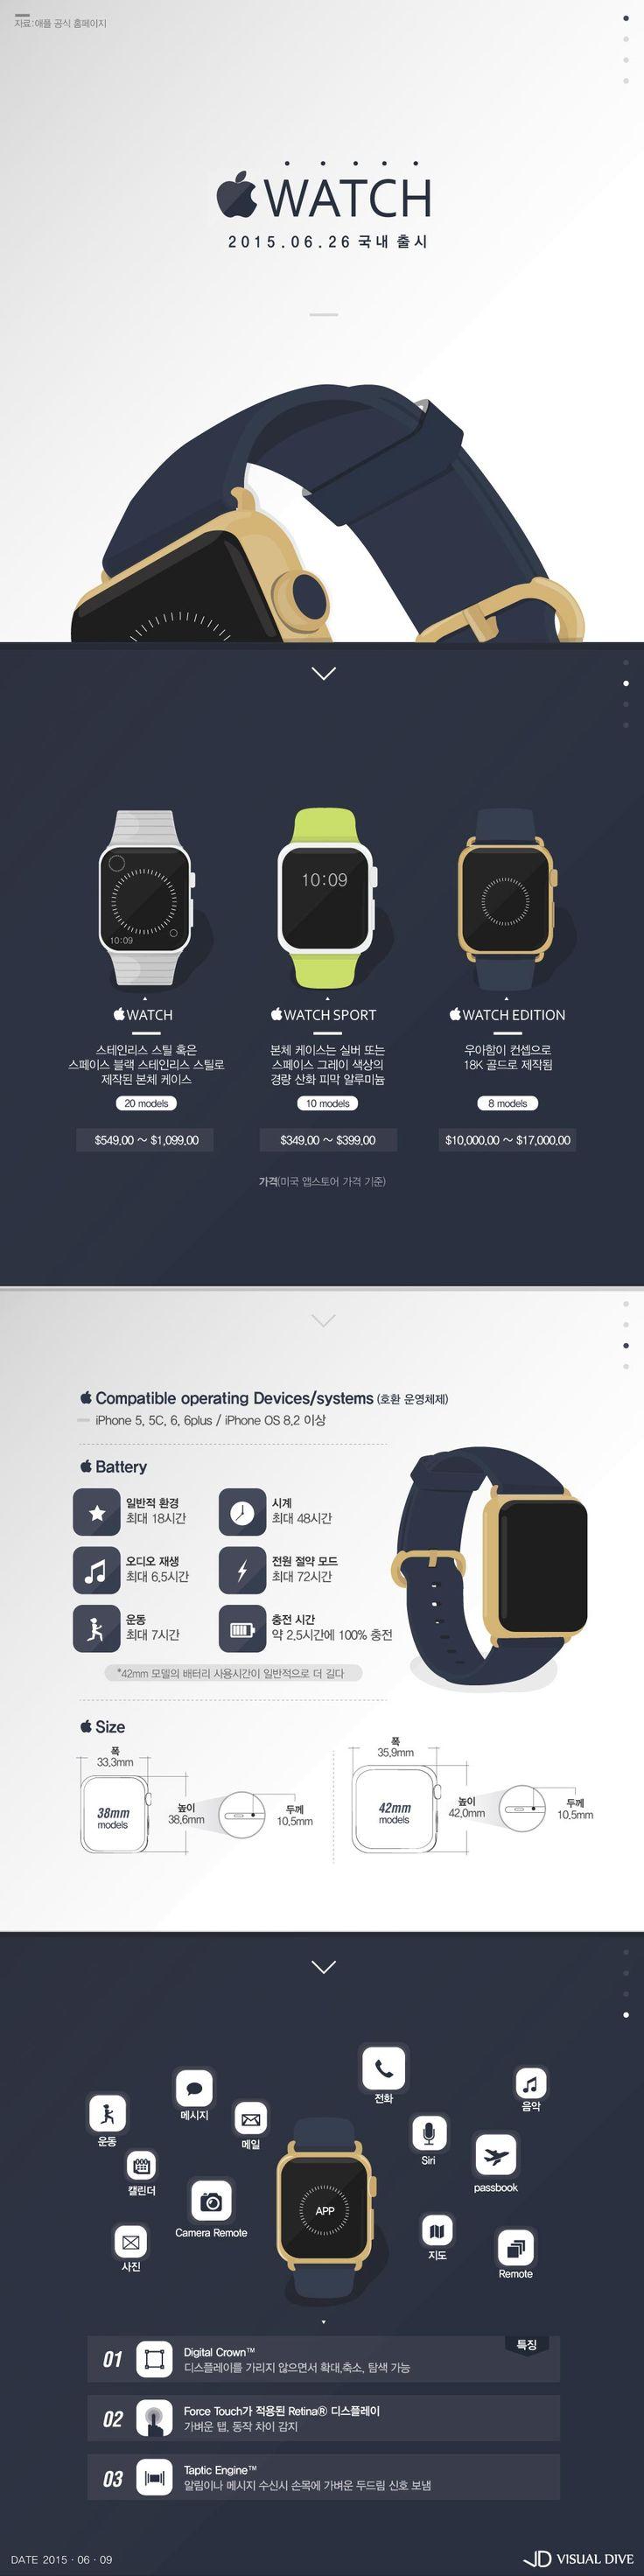 '한국 상륙' 애플워치, 오는 26일 출시…종류와 스펙은? [인포그래픽] #apple_watch / #Infographic ⓒ 비주얼다이브 무단 복사·전재·재배포 금지